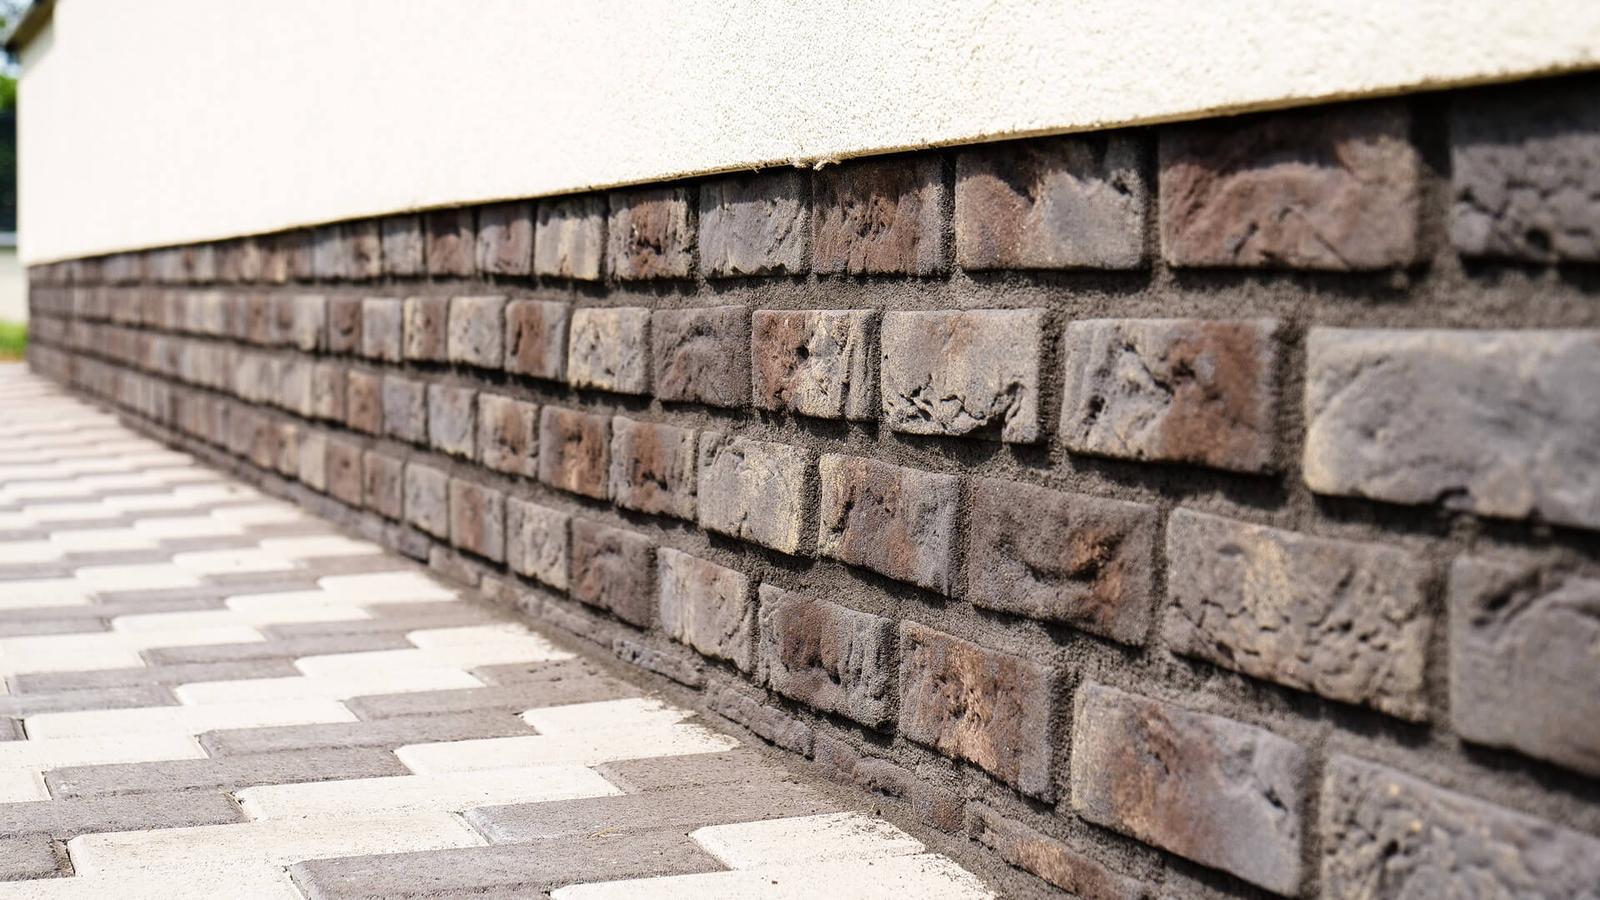 tehlové a  kamenné obklady  - REALIZACIE - cambridge 8  cena 23 eur/m2, zlavu prosím prejednať osobne